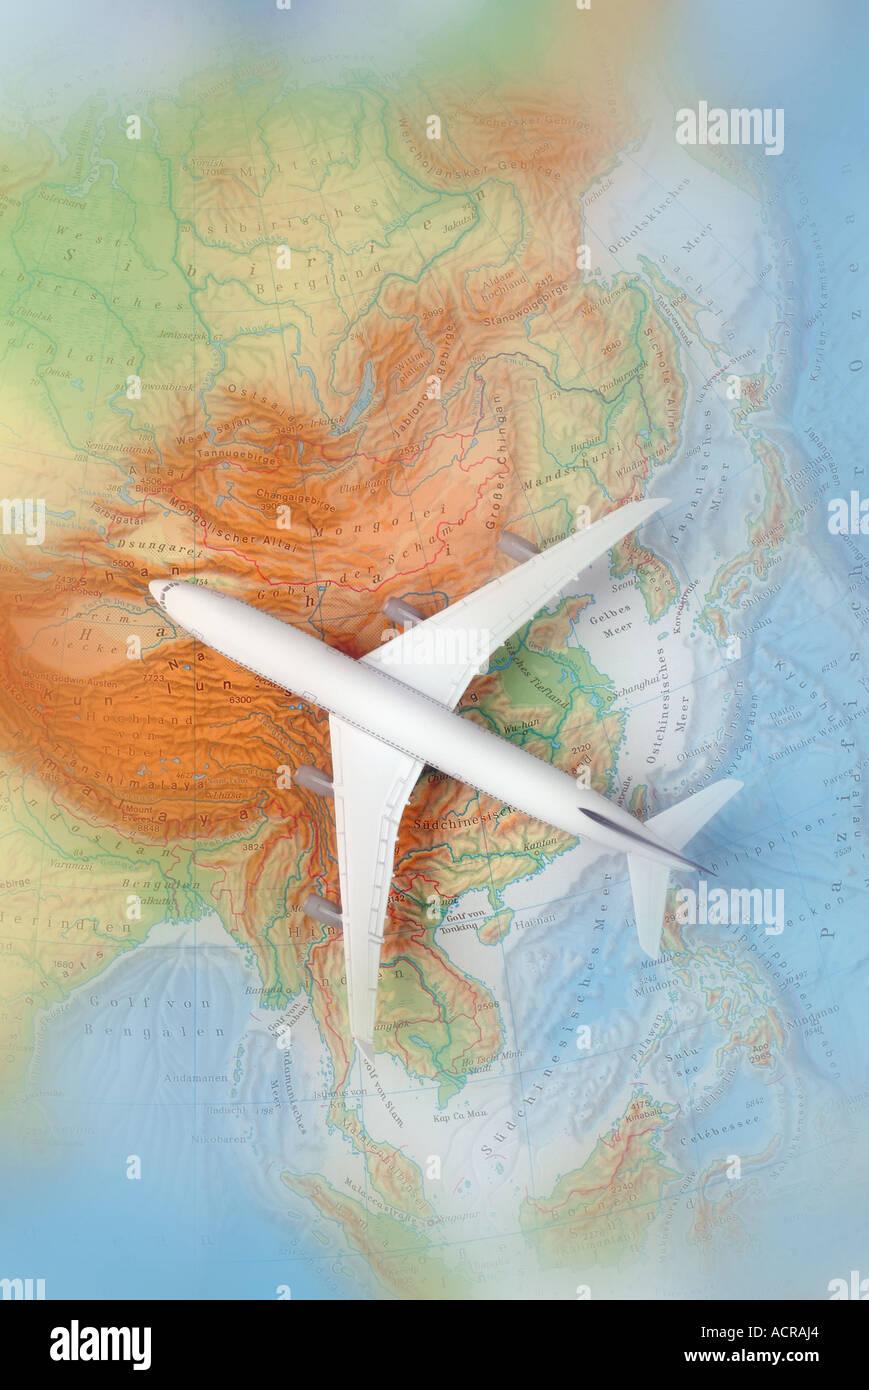 airplane on a map of asia Flugzeug auf einer Karte von Asien China Japan Korea - Stock Image